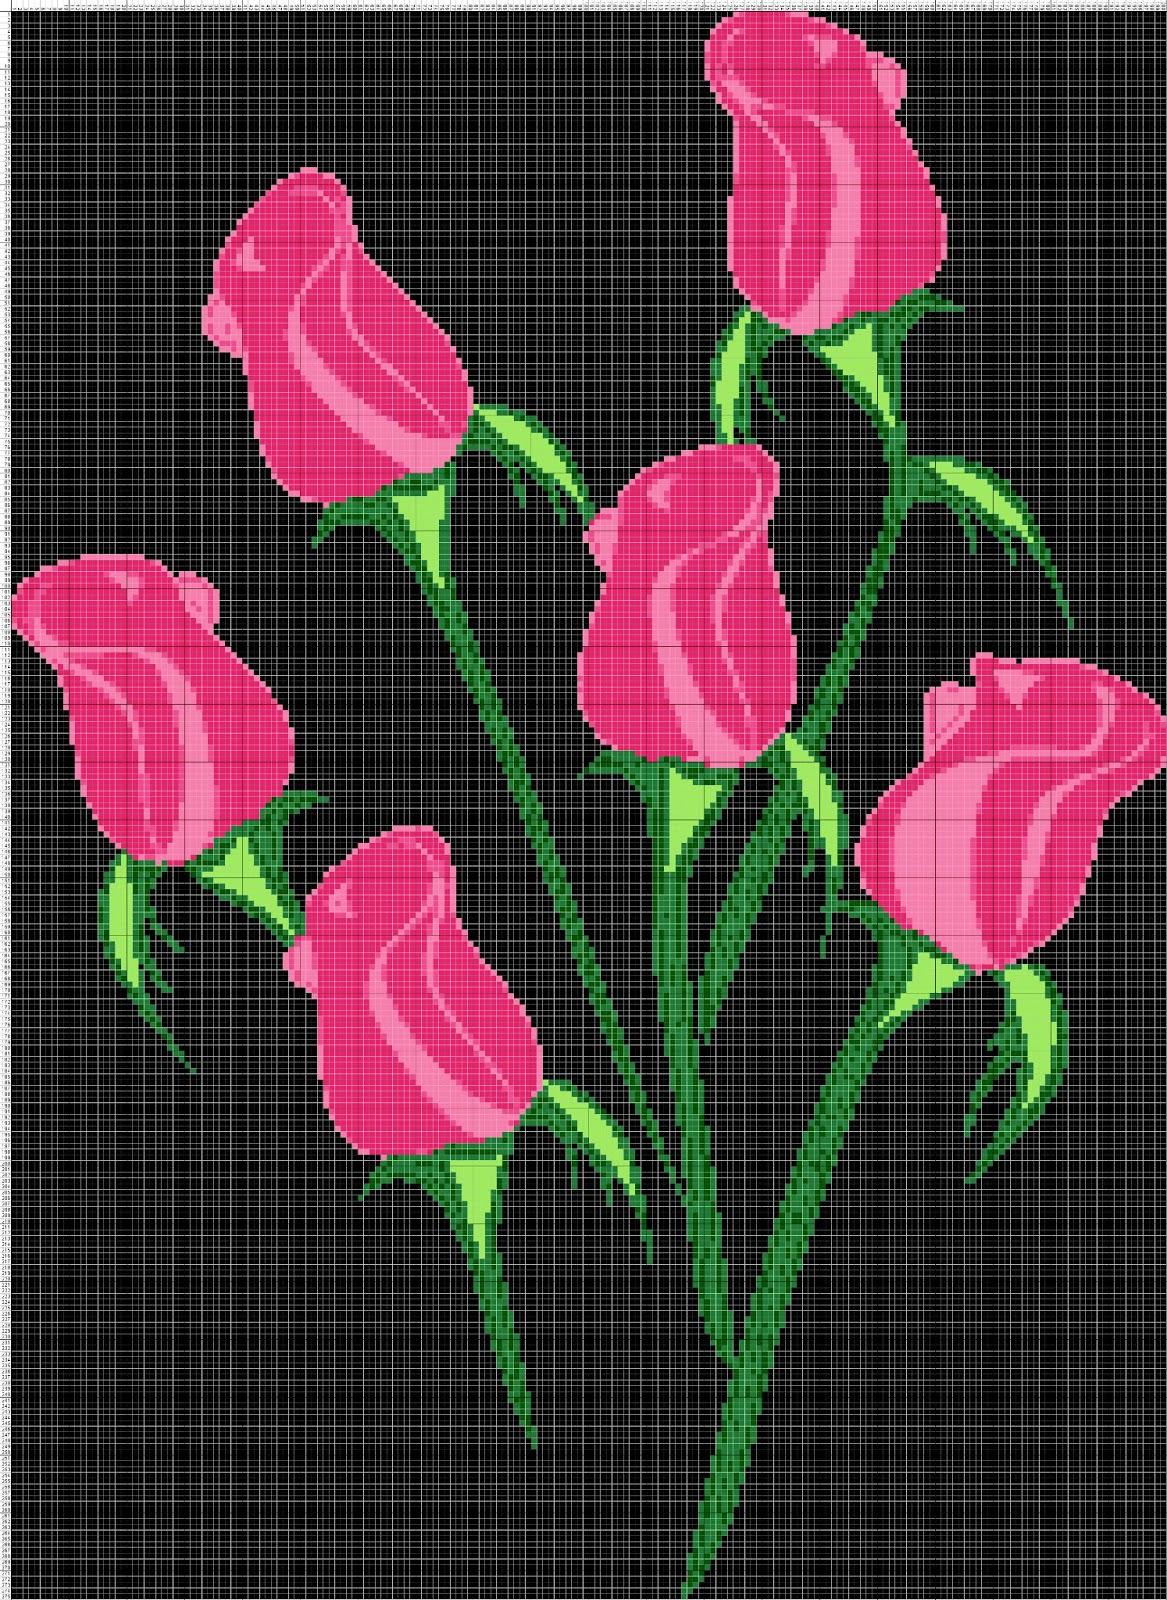 Gambar Pola Kristik Enam Bunga Mawar Merah Muda